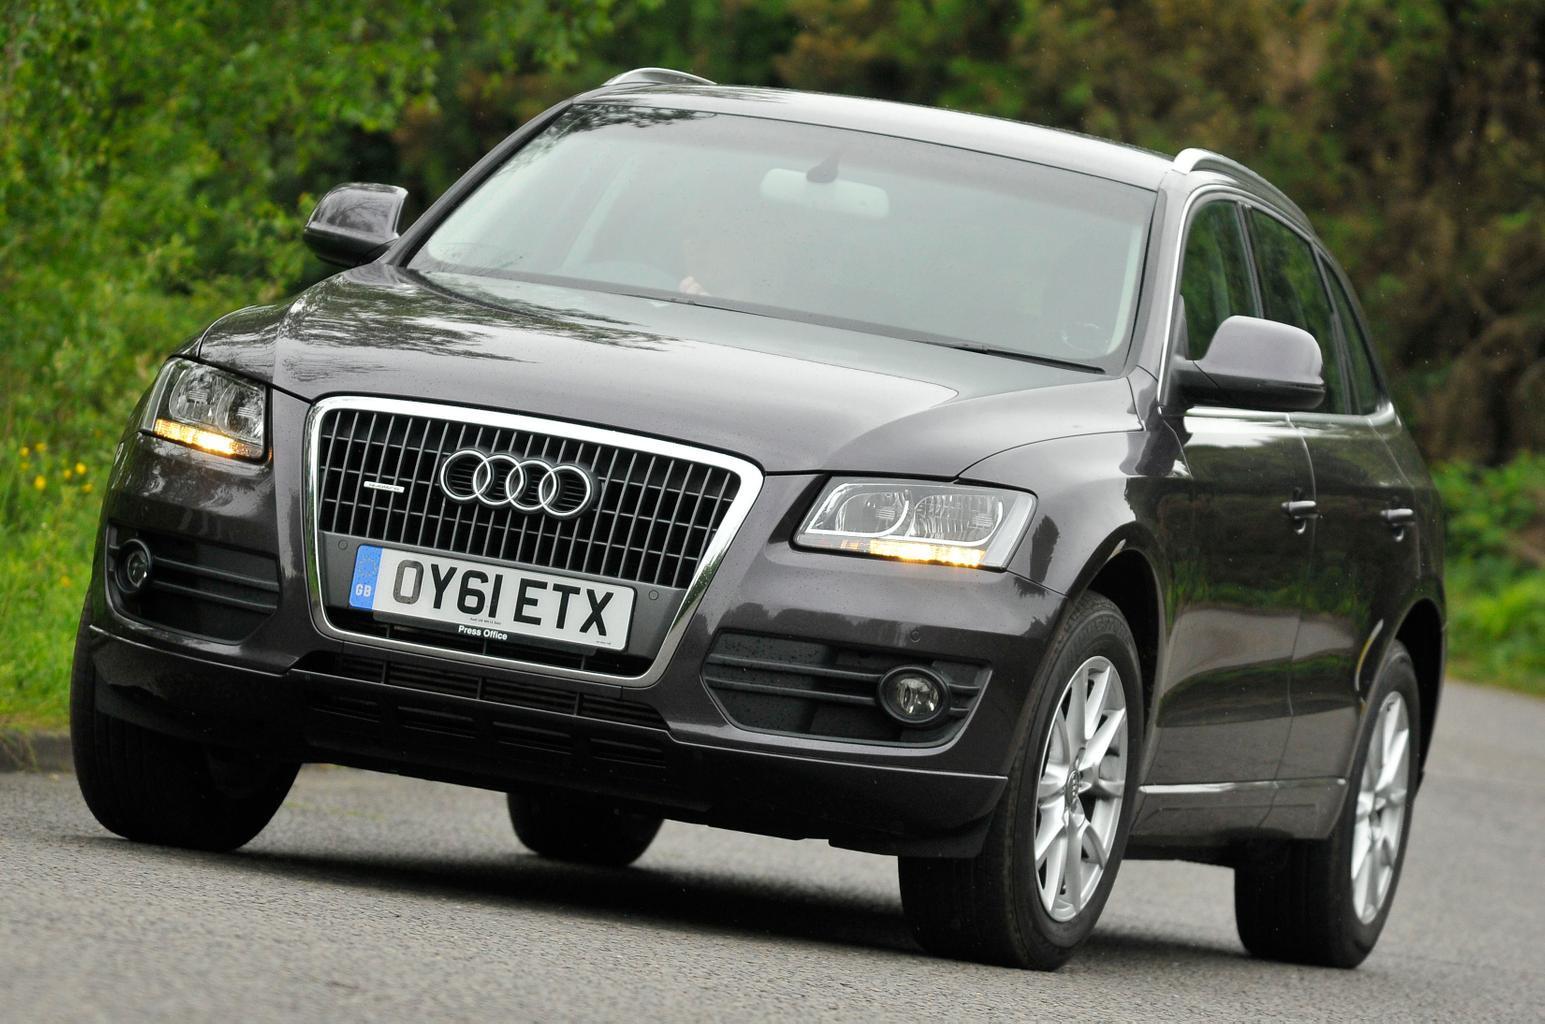 Used test - SUV vs estate: Audi Q5 vs Volkswagen Passat Alltrack vs Volvo XC60